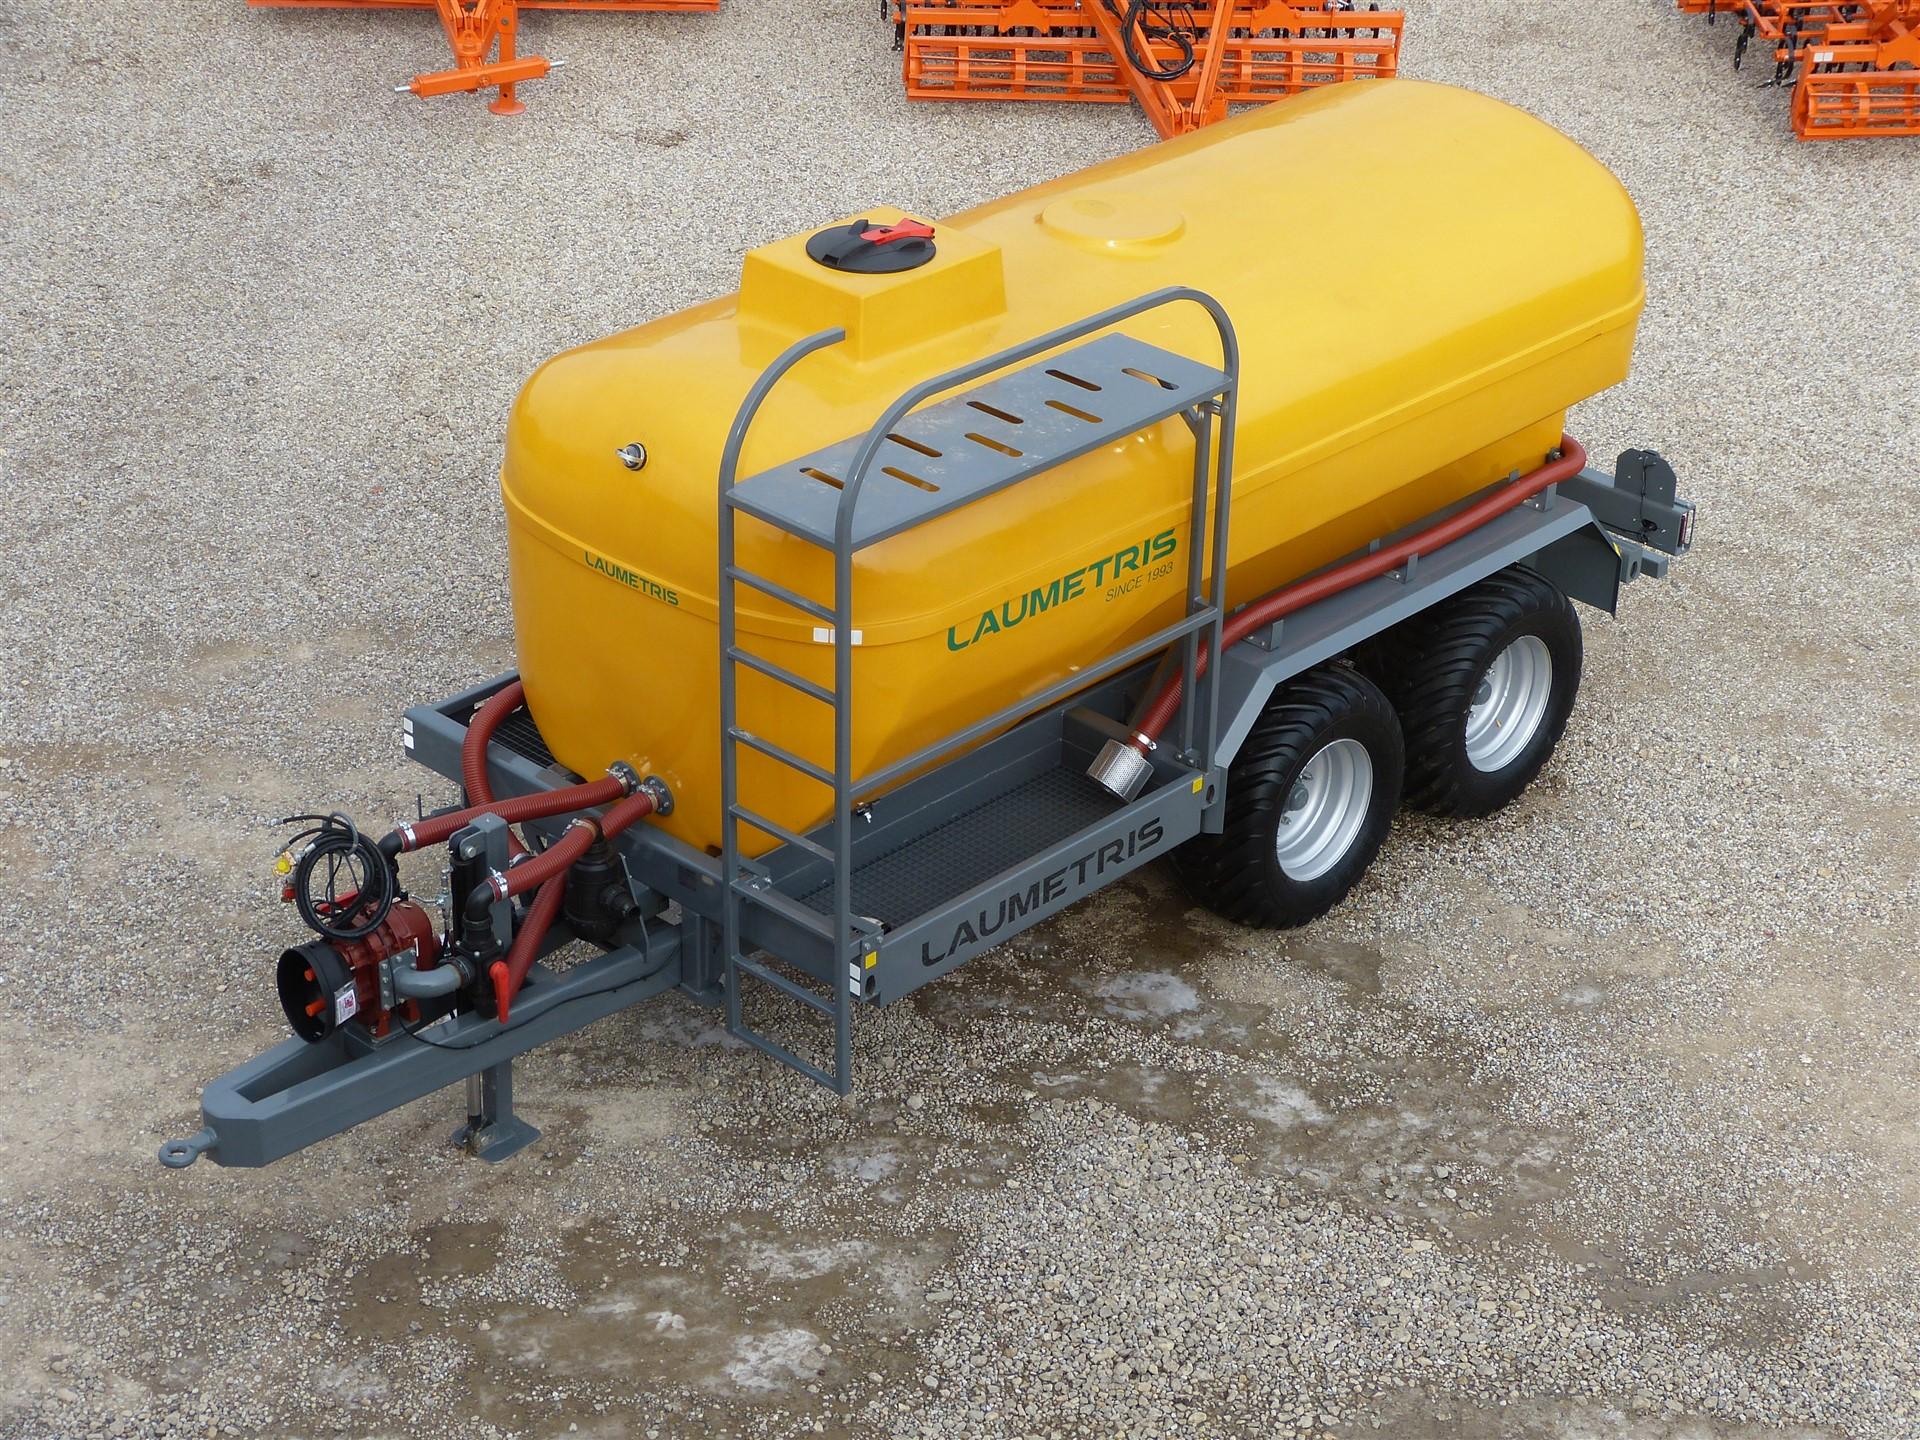 Cisterninė puspriekabė - vandenvežis PTL-12V Laumetris